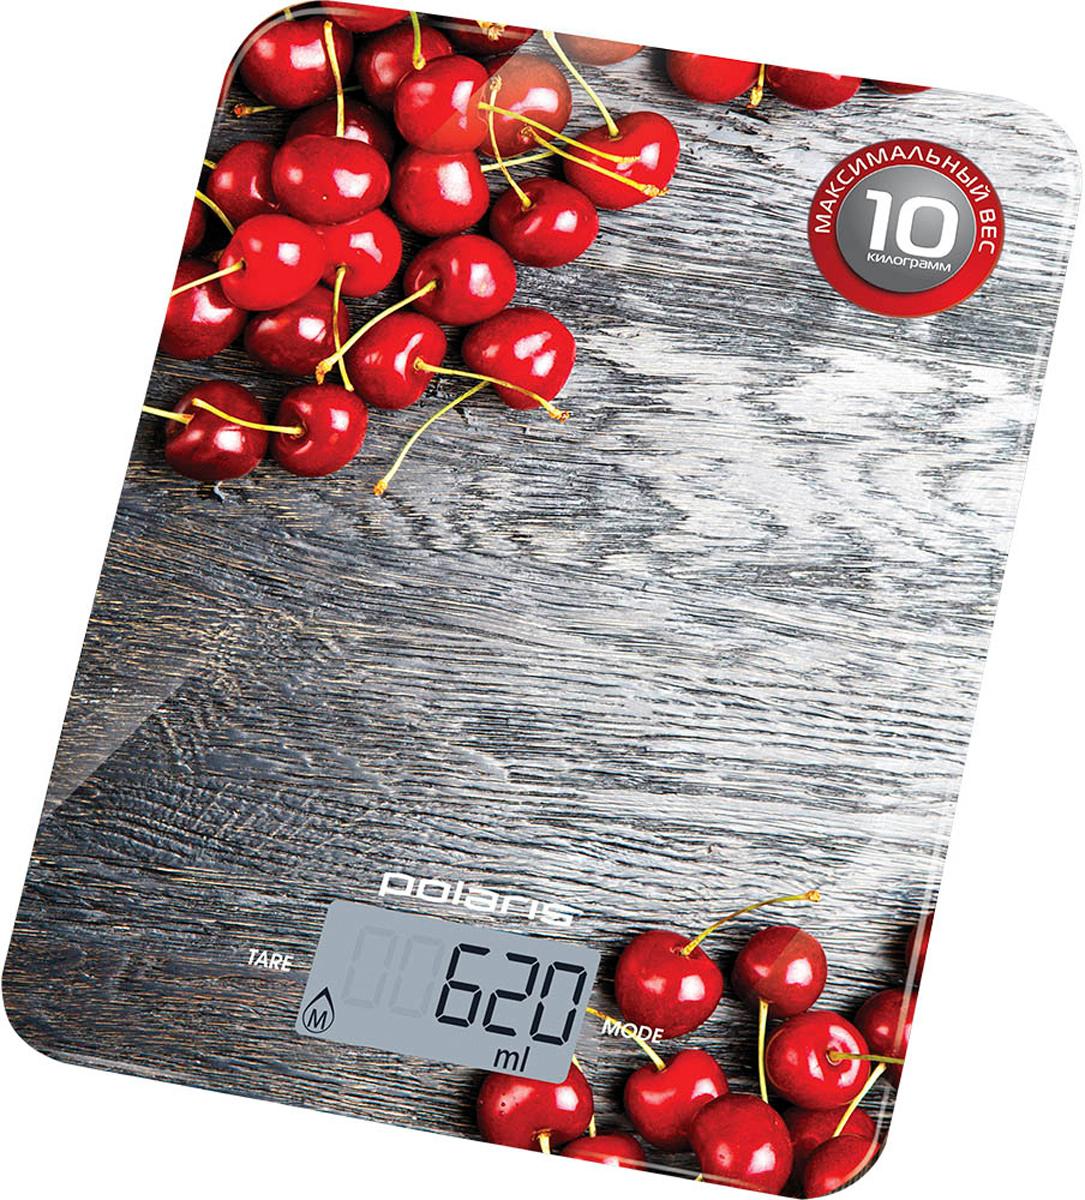 Polaris PKS 1046DG Cherry кухонные весы8080Стильные кухонные весы Polaris PKS 1046DG Cherry избавят вас от ненужных проблем, связанных с недостаточным или избыточным количеством ингредиентов в блюде, помогут соблюдать точность рецептуры и всегда иметь предсказуемый результат.Поверхность из высокопрочного стекла обеспечивает надежное взвешивание продуктов массой до 10 килограммов. Прорезиненные ножки предотвращают скольжение прибора, что гарантирует максимальную точность во время взвешивания. Весы отключаются автоматически, а индикация низкого заряда батареи заблаговременно предупредит вас о необходимости ее замены.